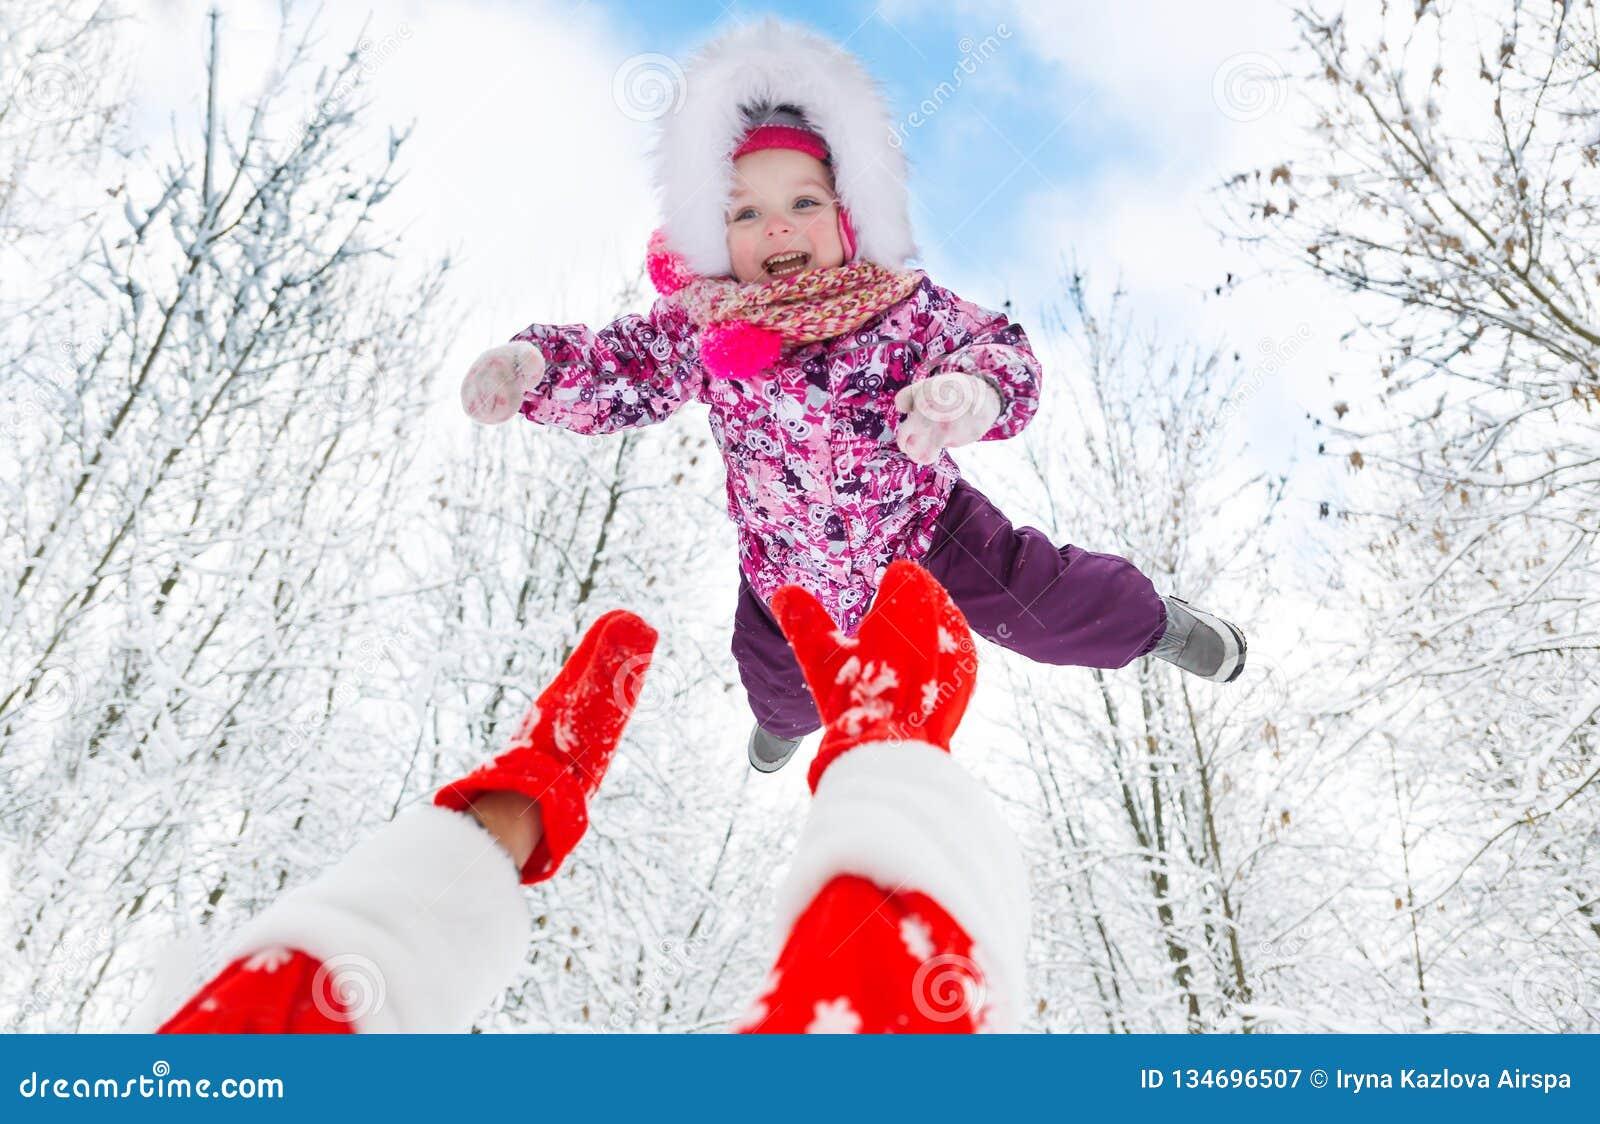 Santa Claus wirft oben obenliegendes nettes kleines Mädchen im Winterwald auf Weihnachten